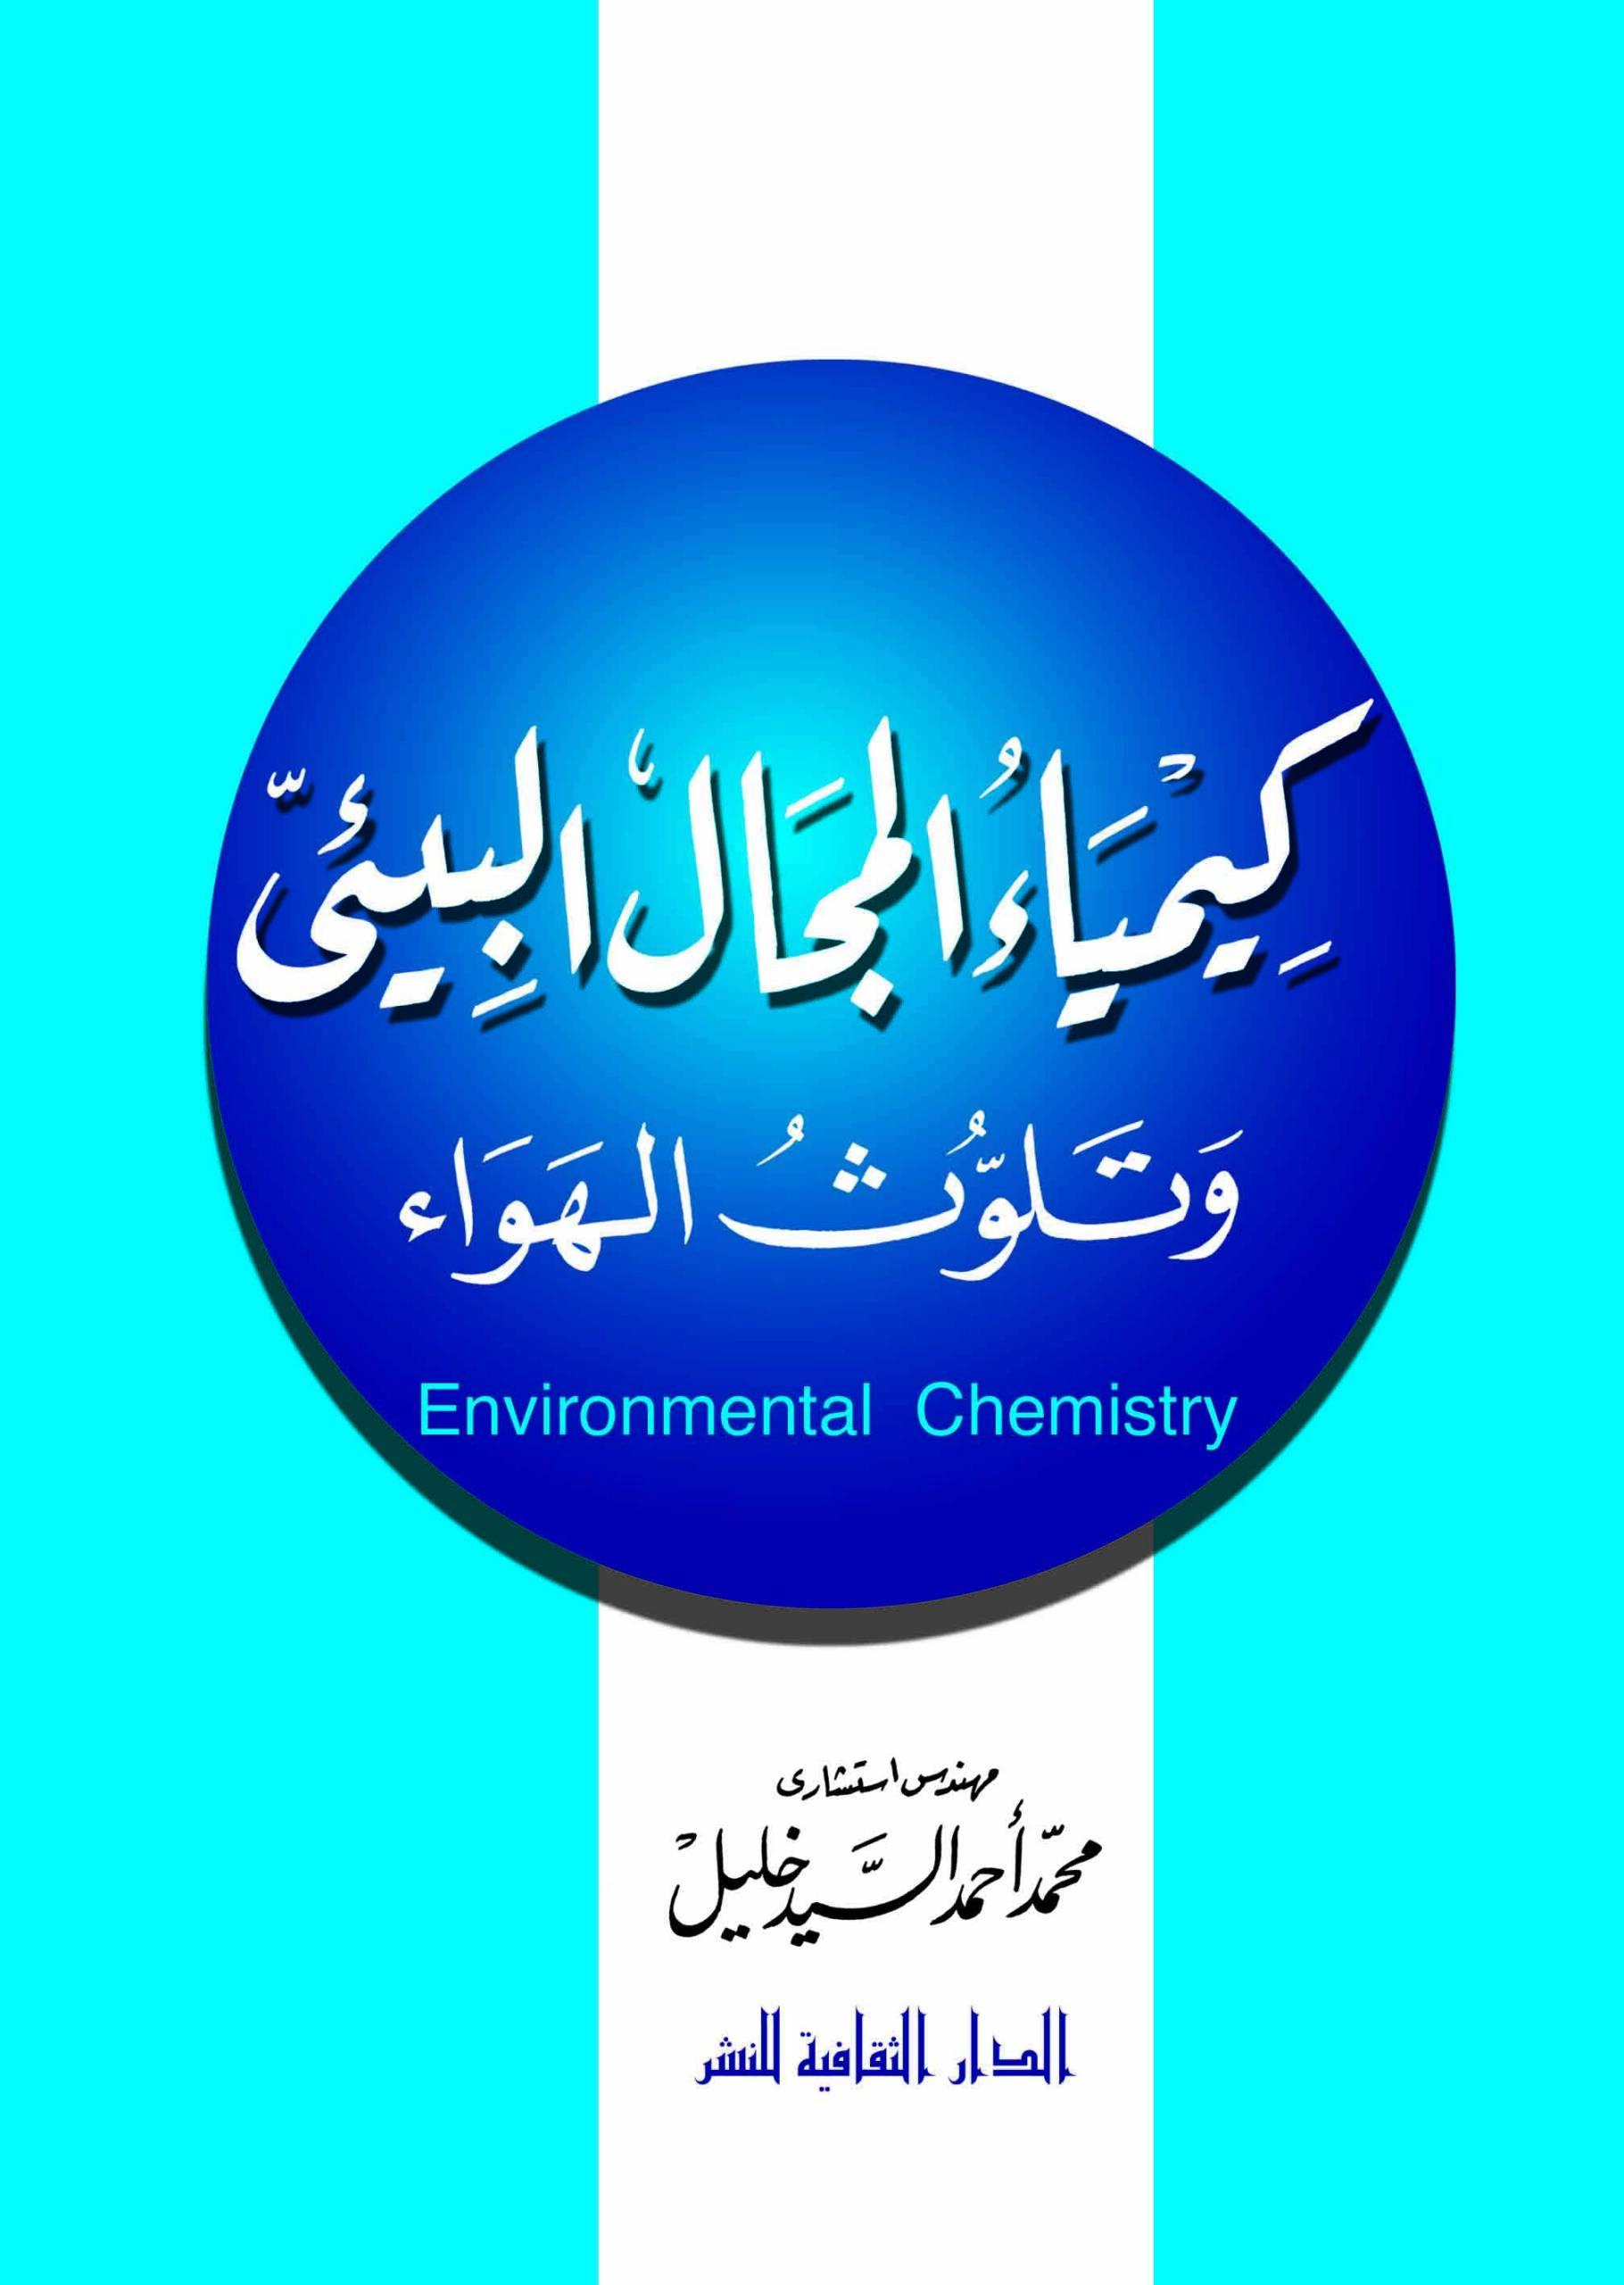 كيمياء المجال البيئى وتلوث الهواء